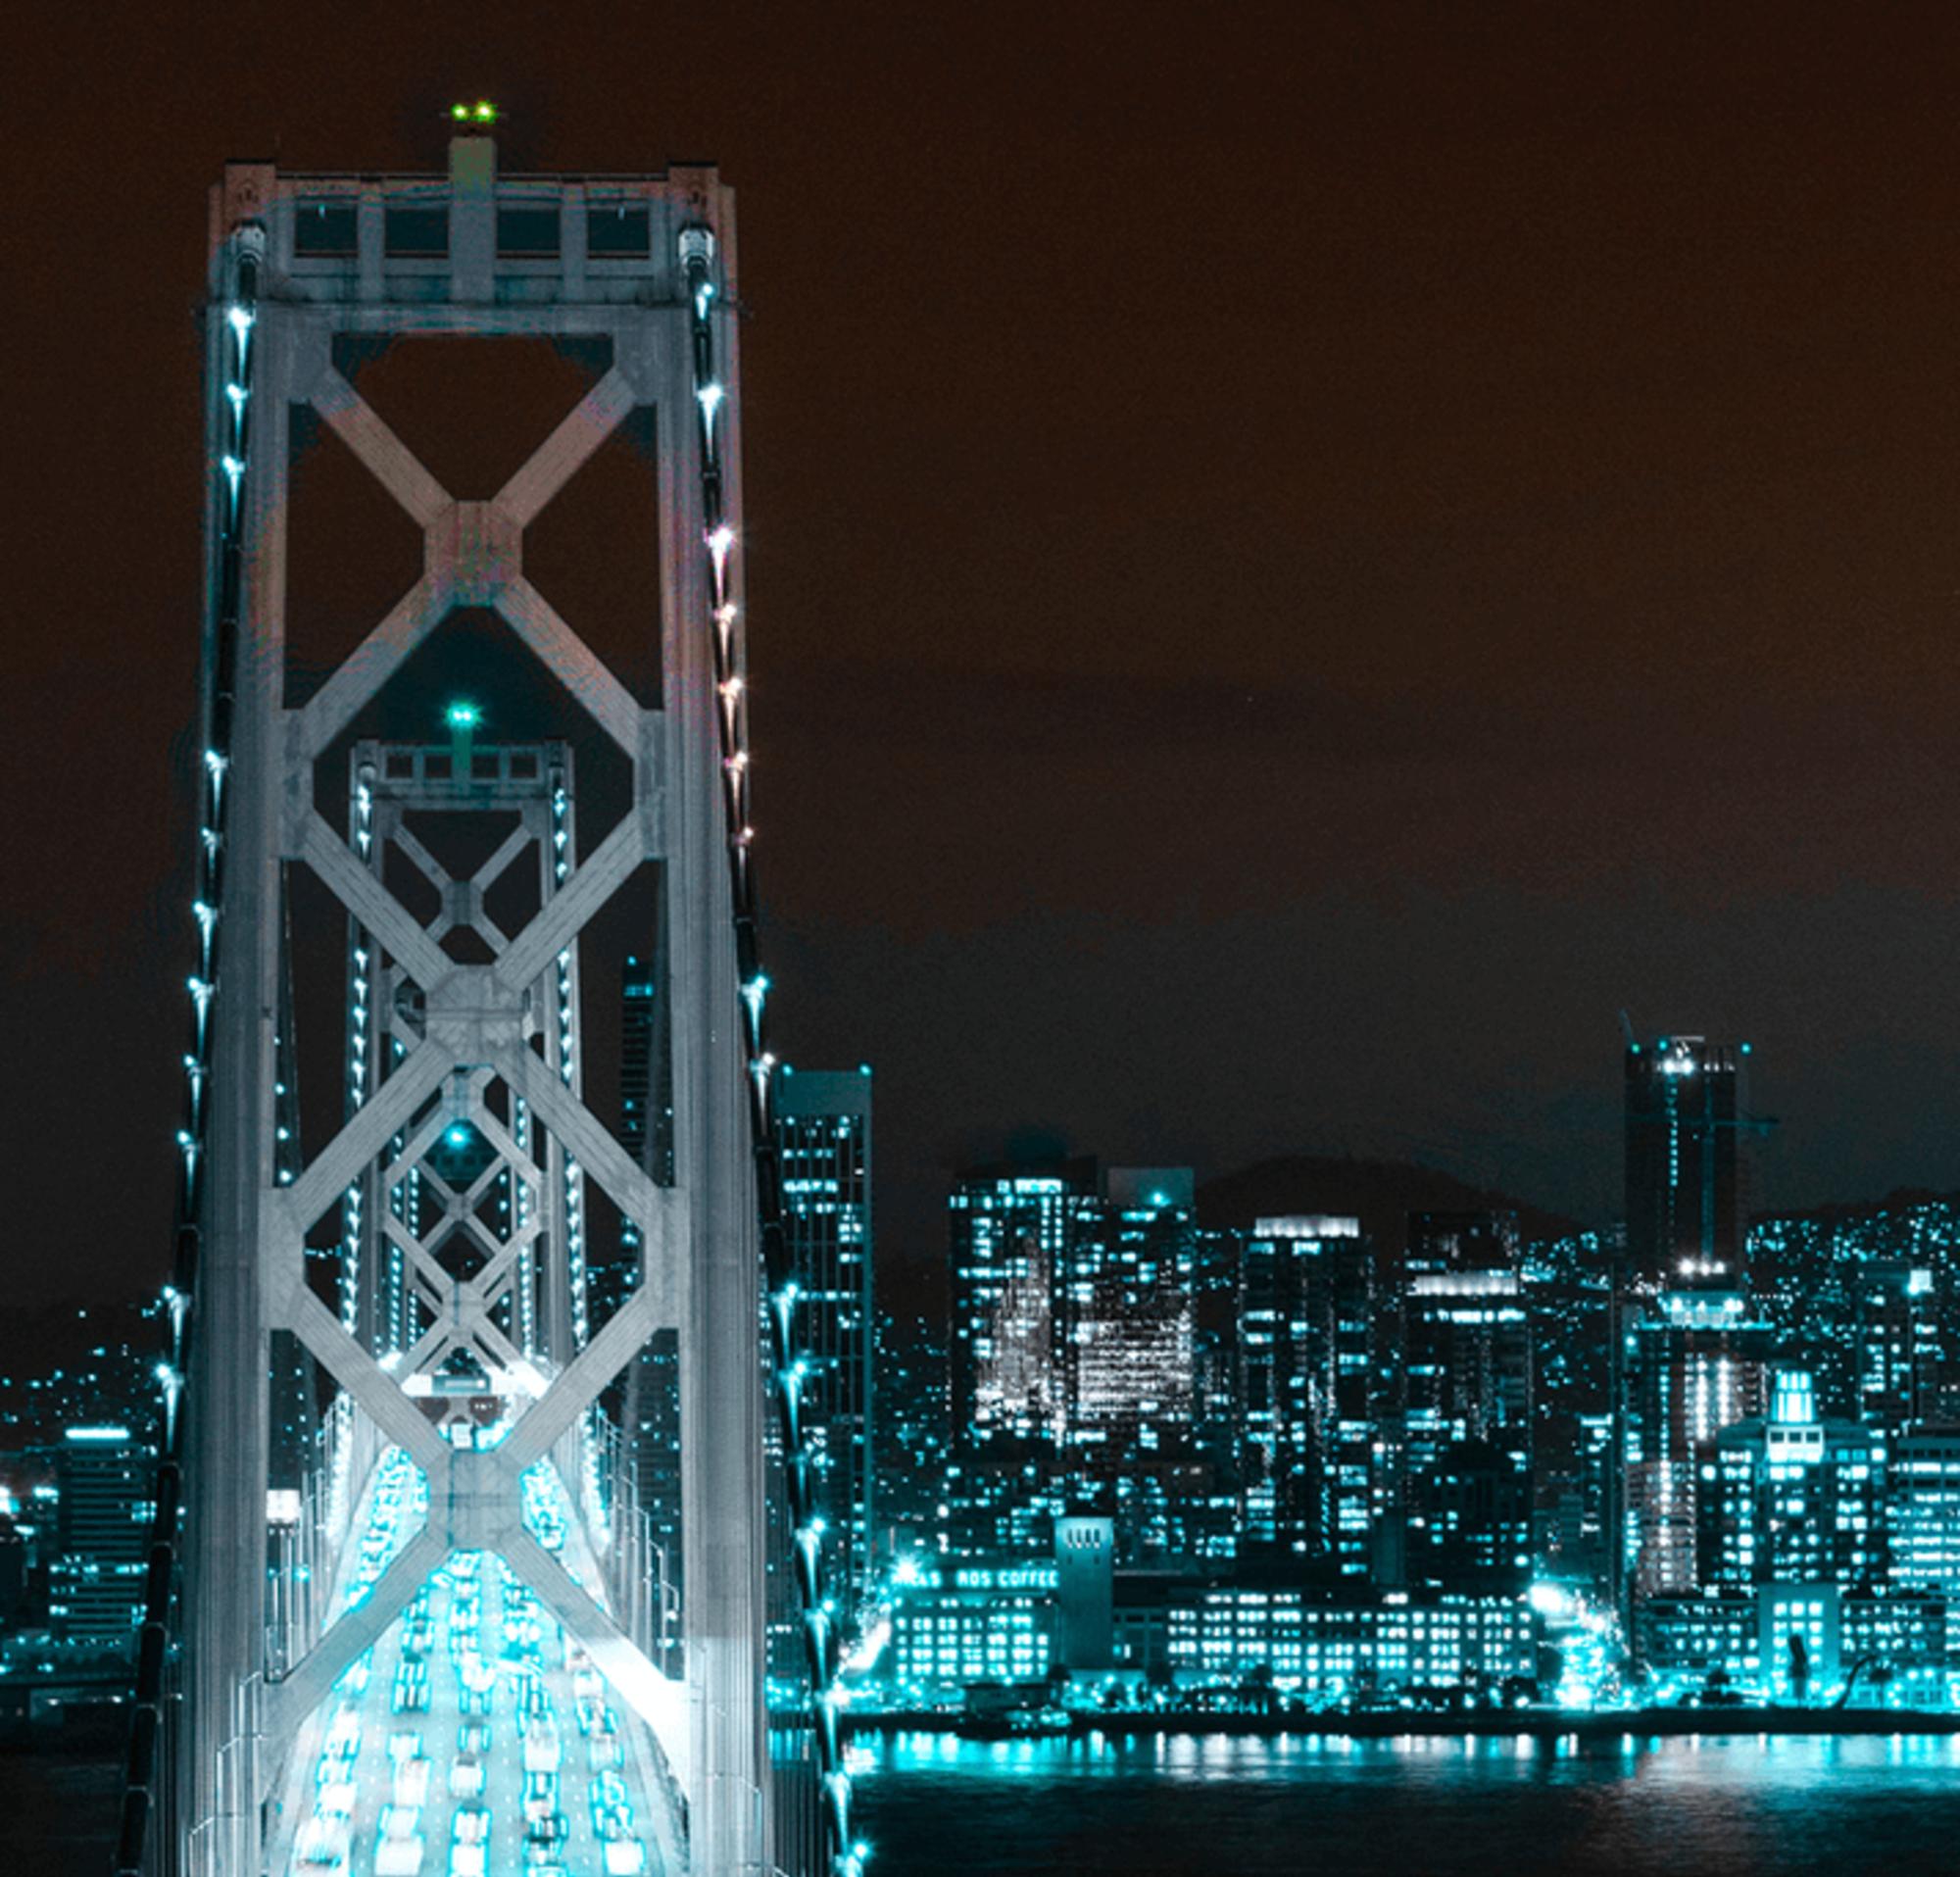 Das nächtliche Panorama von San Francisco mit dem Salesforce Tower